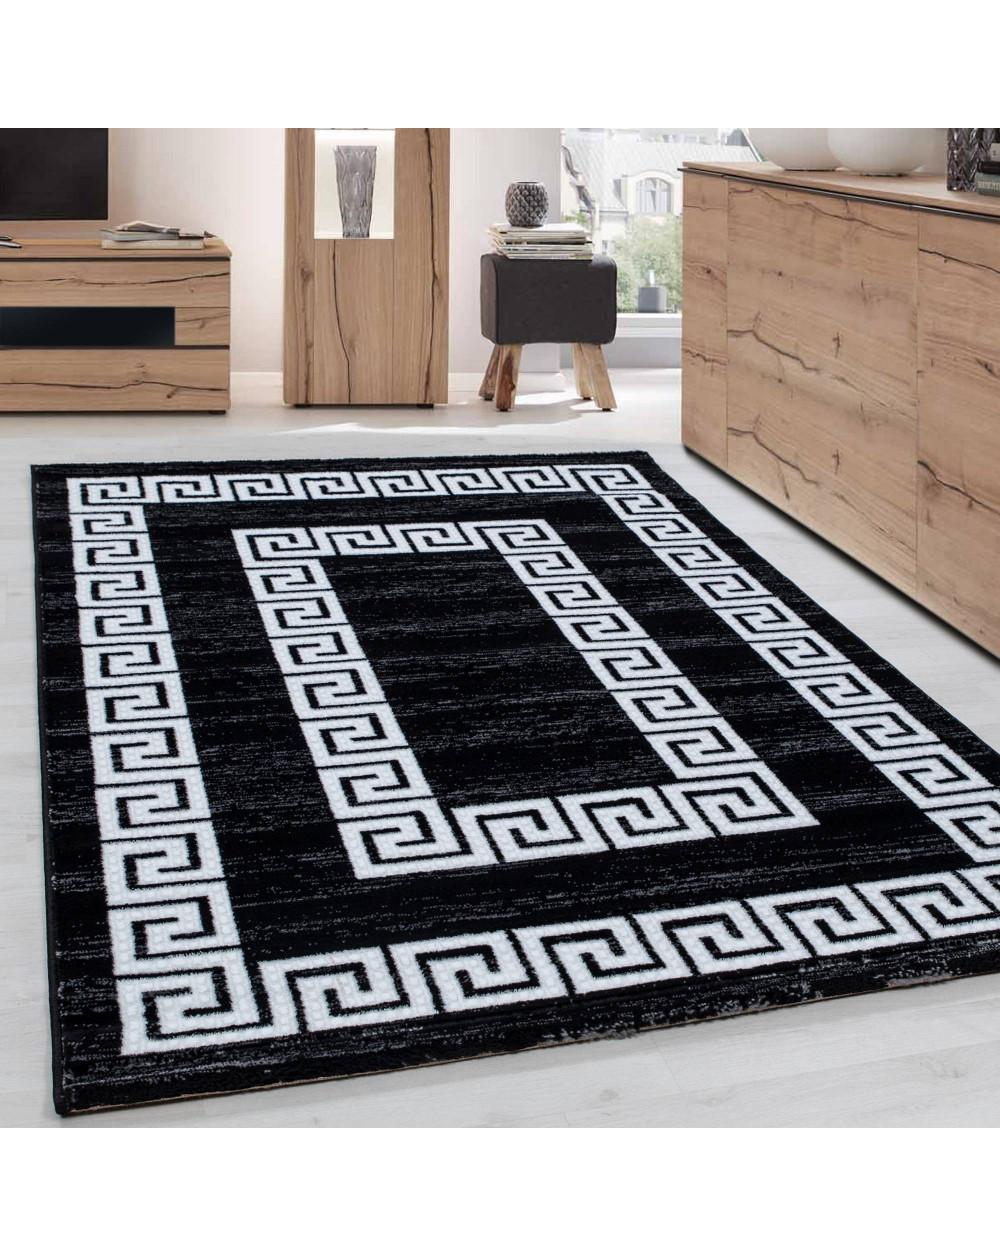 Teppich Modern Designer Wohnzimmer Bordüre Versace Muster Meliert Schwarz  Weiss Größe 80x150 cm